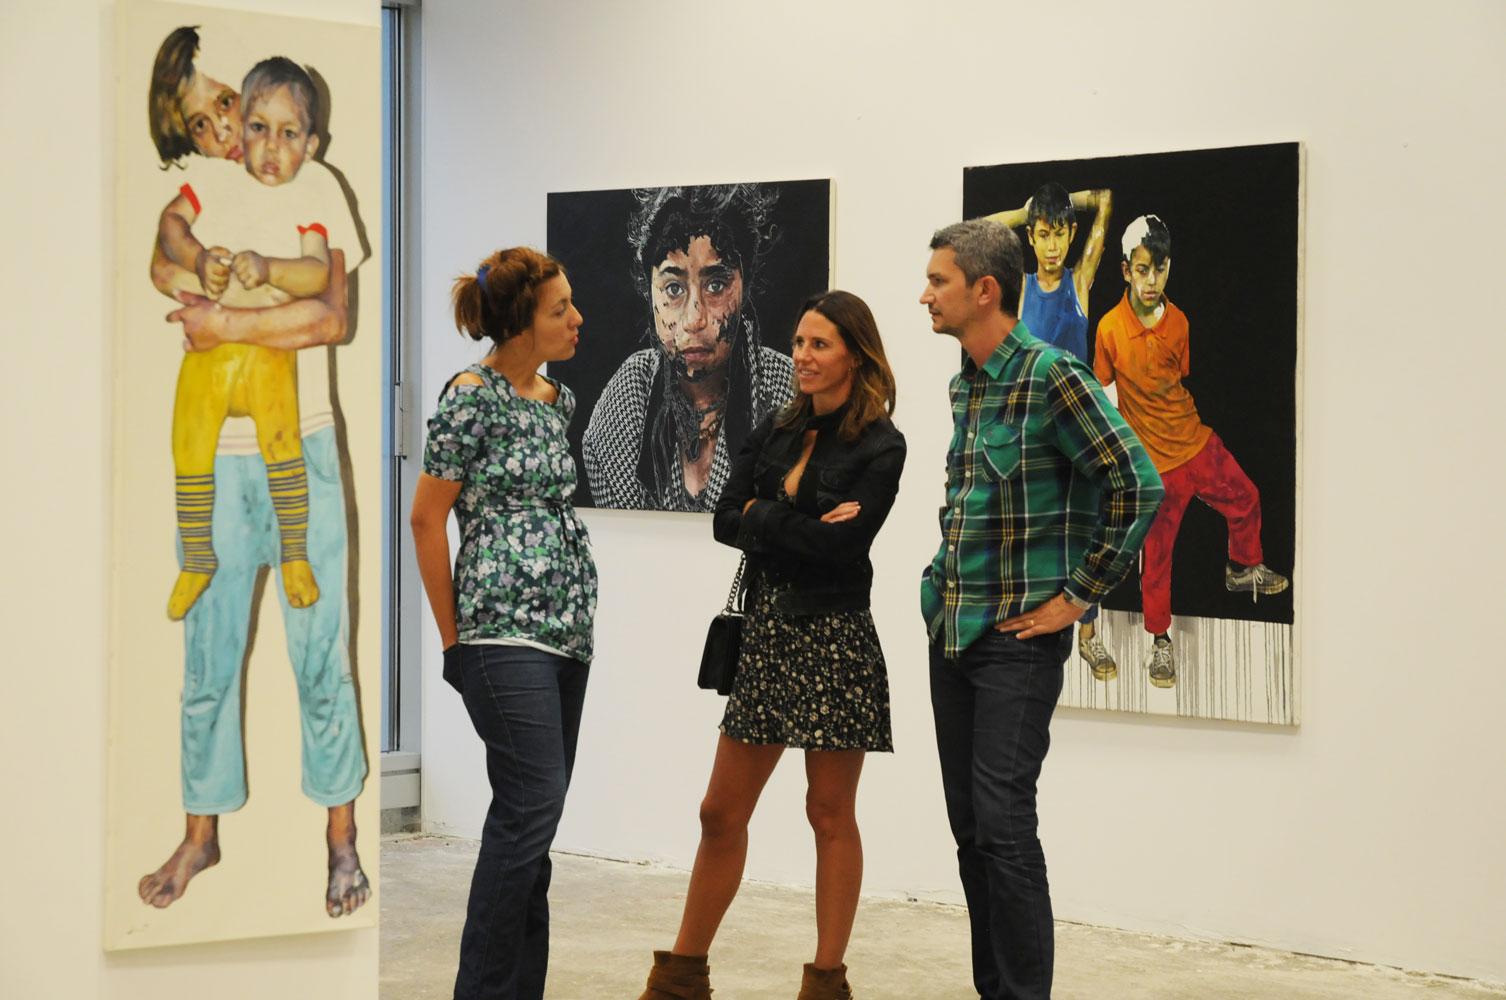 Daniel Brici, solo show Copiii care nu se vad @ Nasui collection & gallery Bucuresti (17)